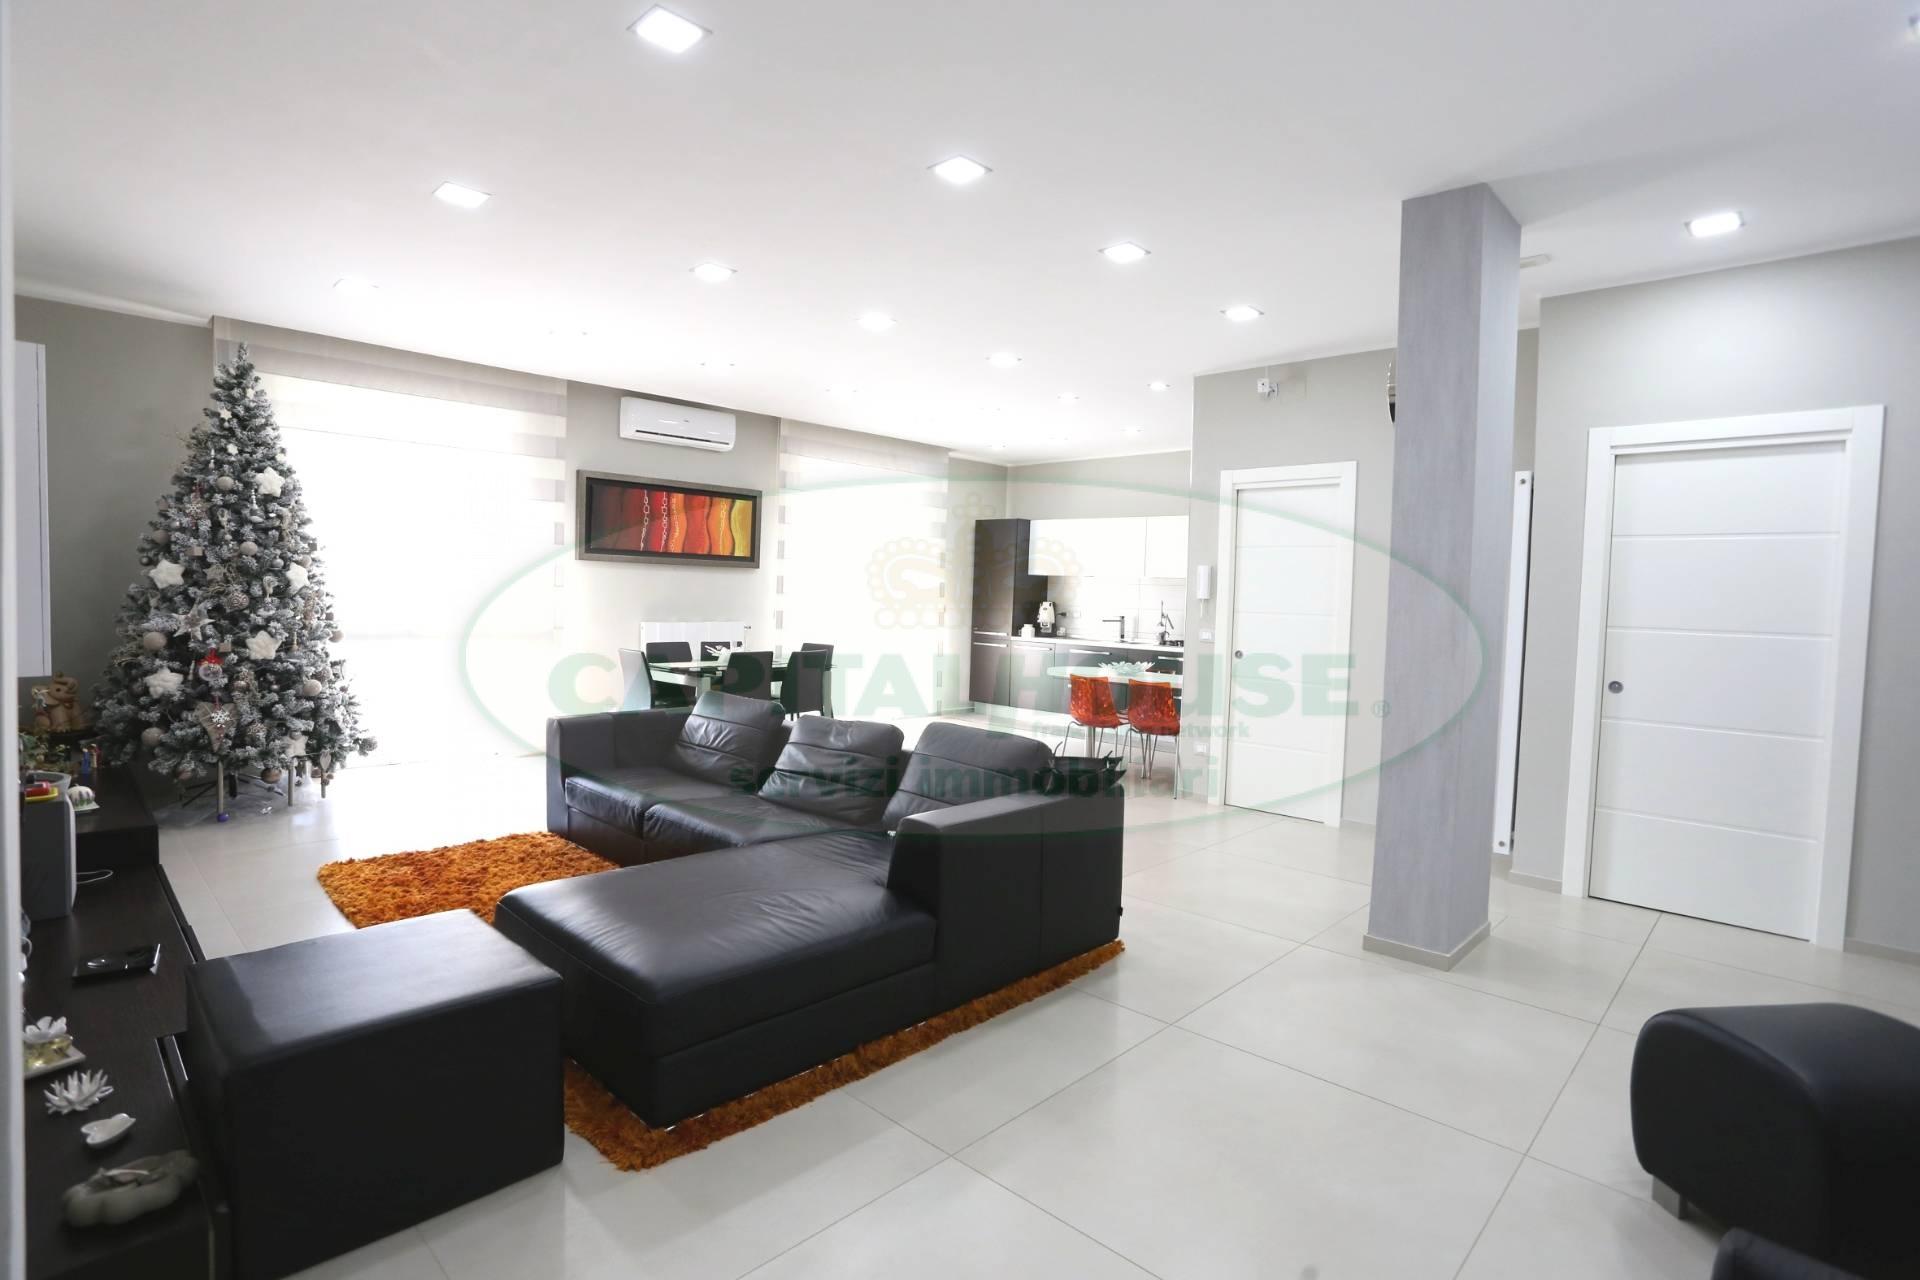 Appartamento in vendita a Atripalda, 4 locali, prezzo € 230.000 | Cambio Casa.it